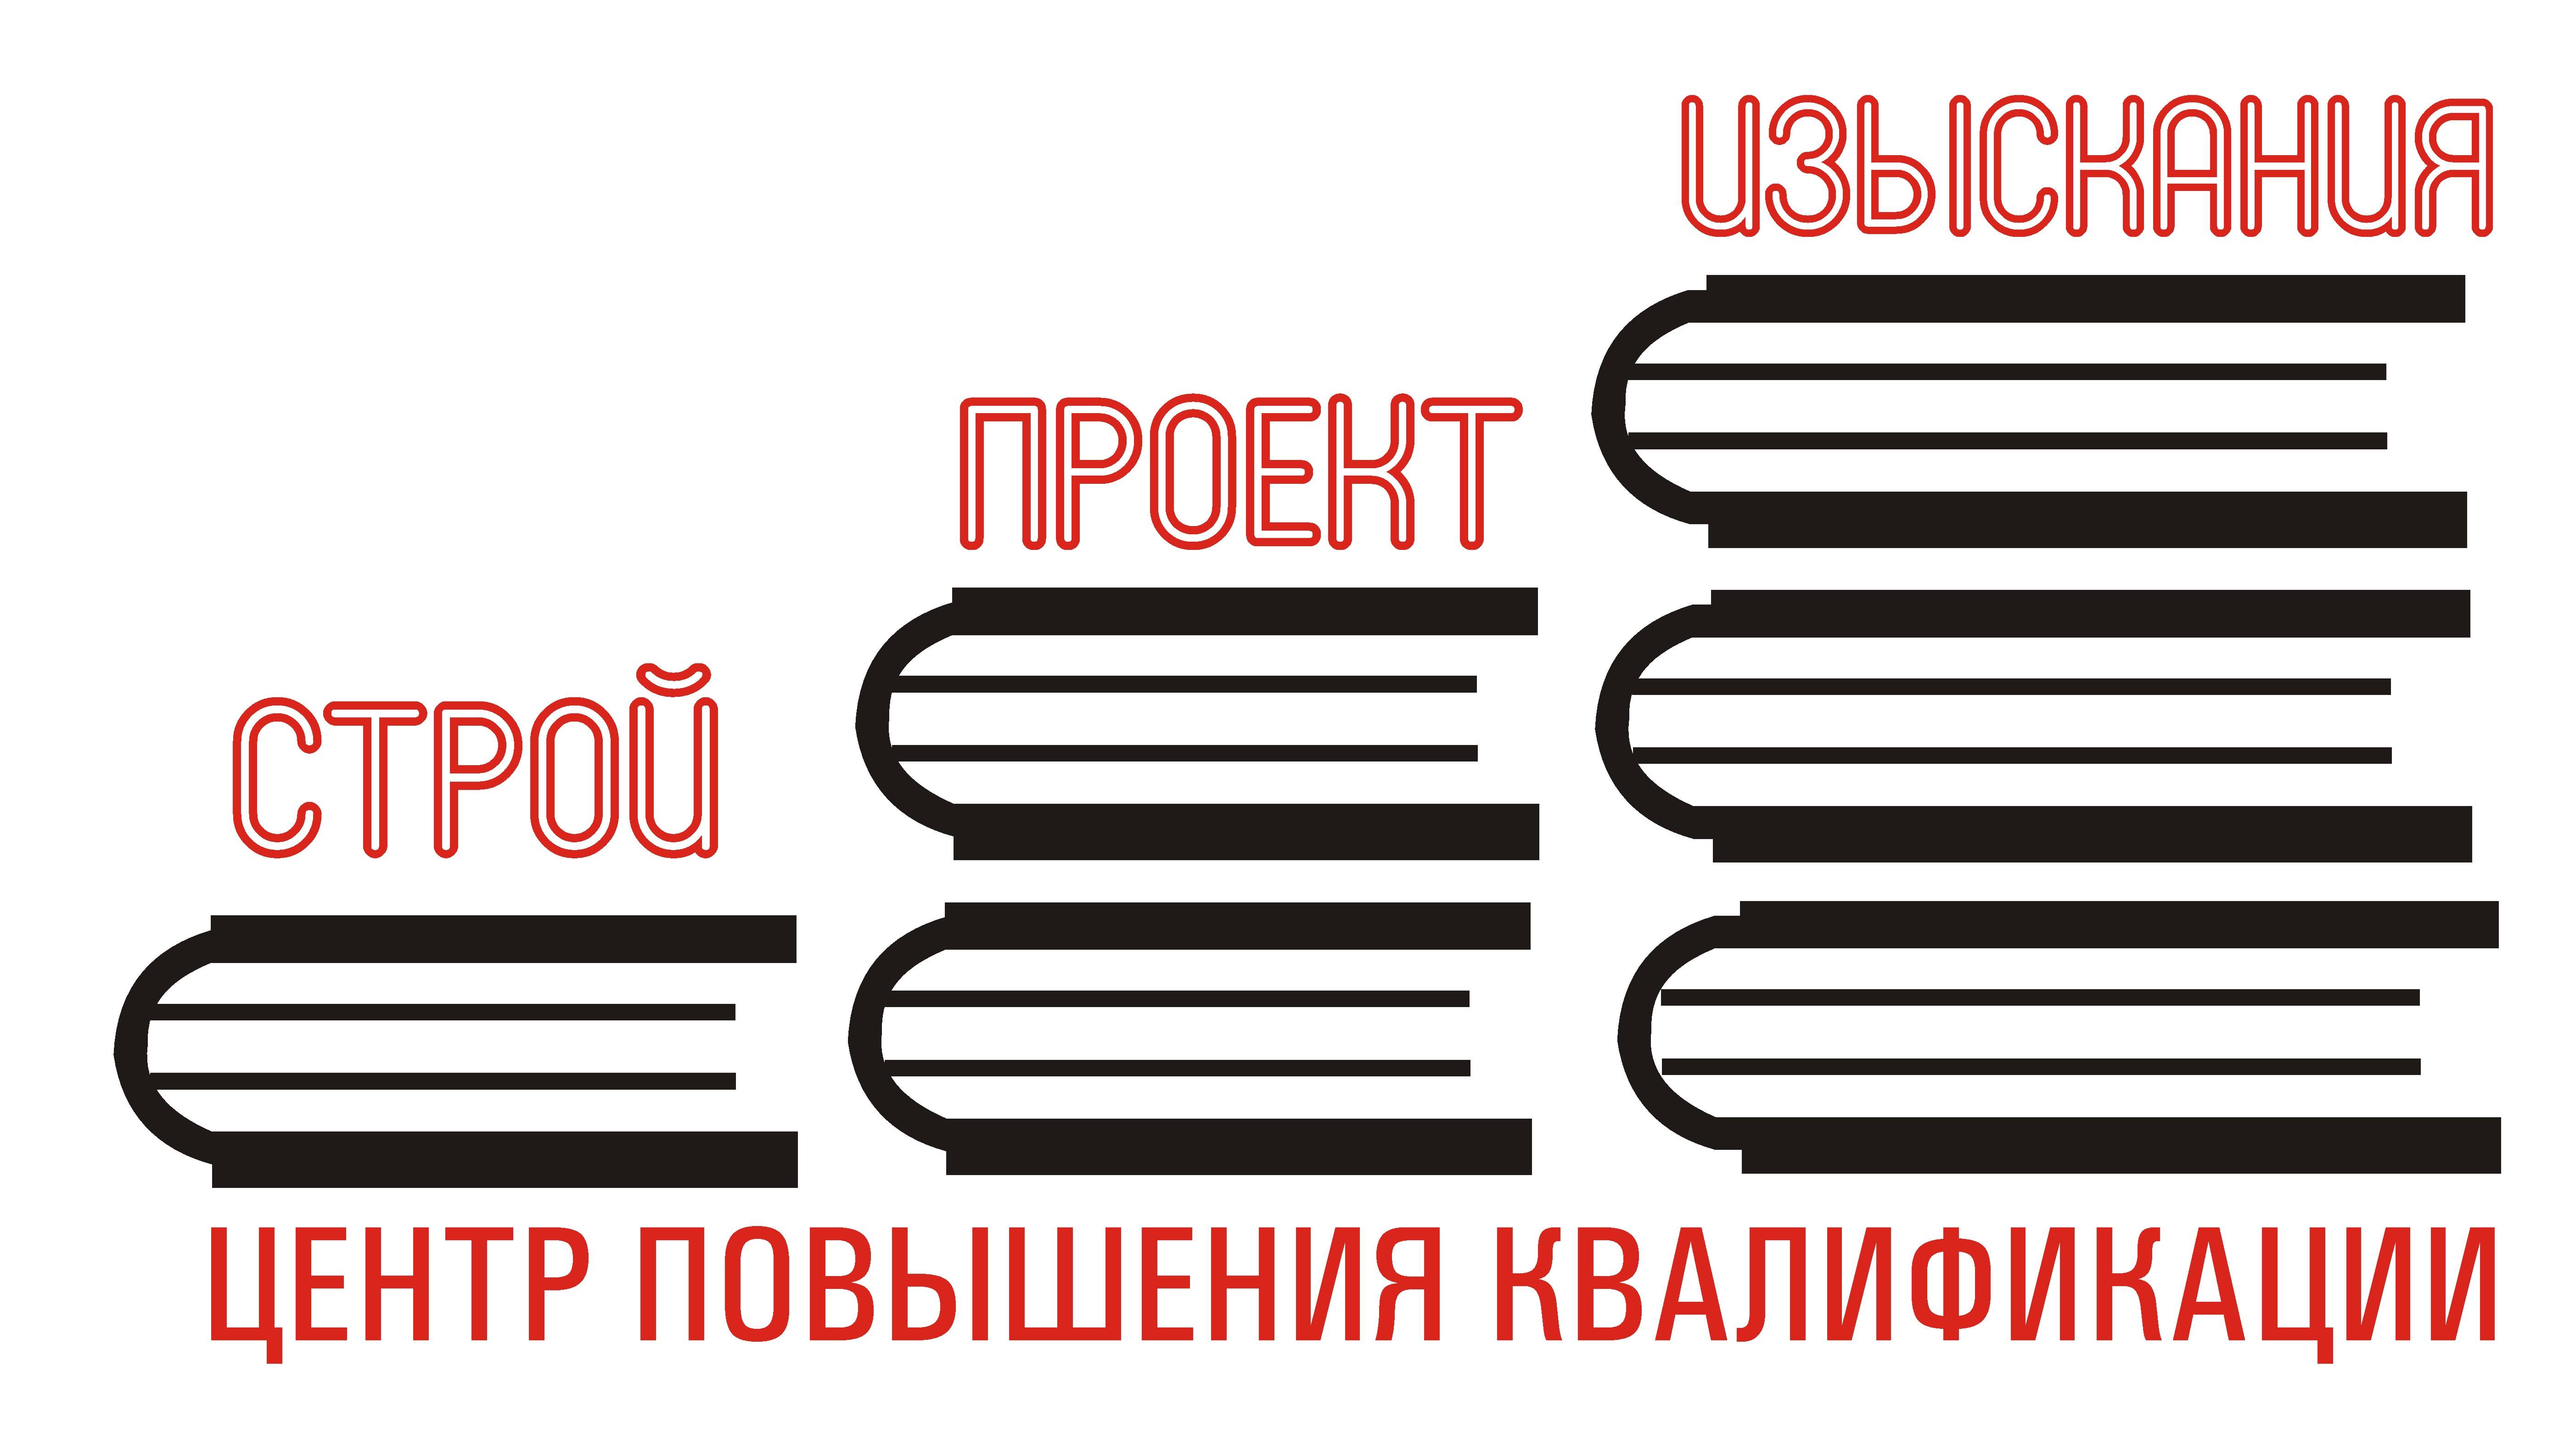 Разработка логотипа  фото f_4f3181a53247e.jpg